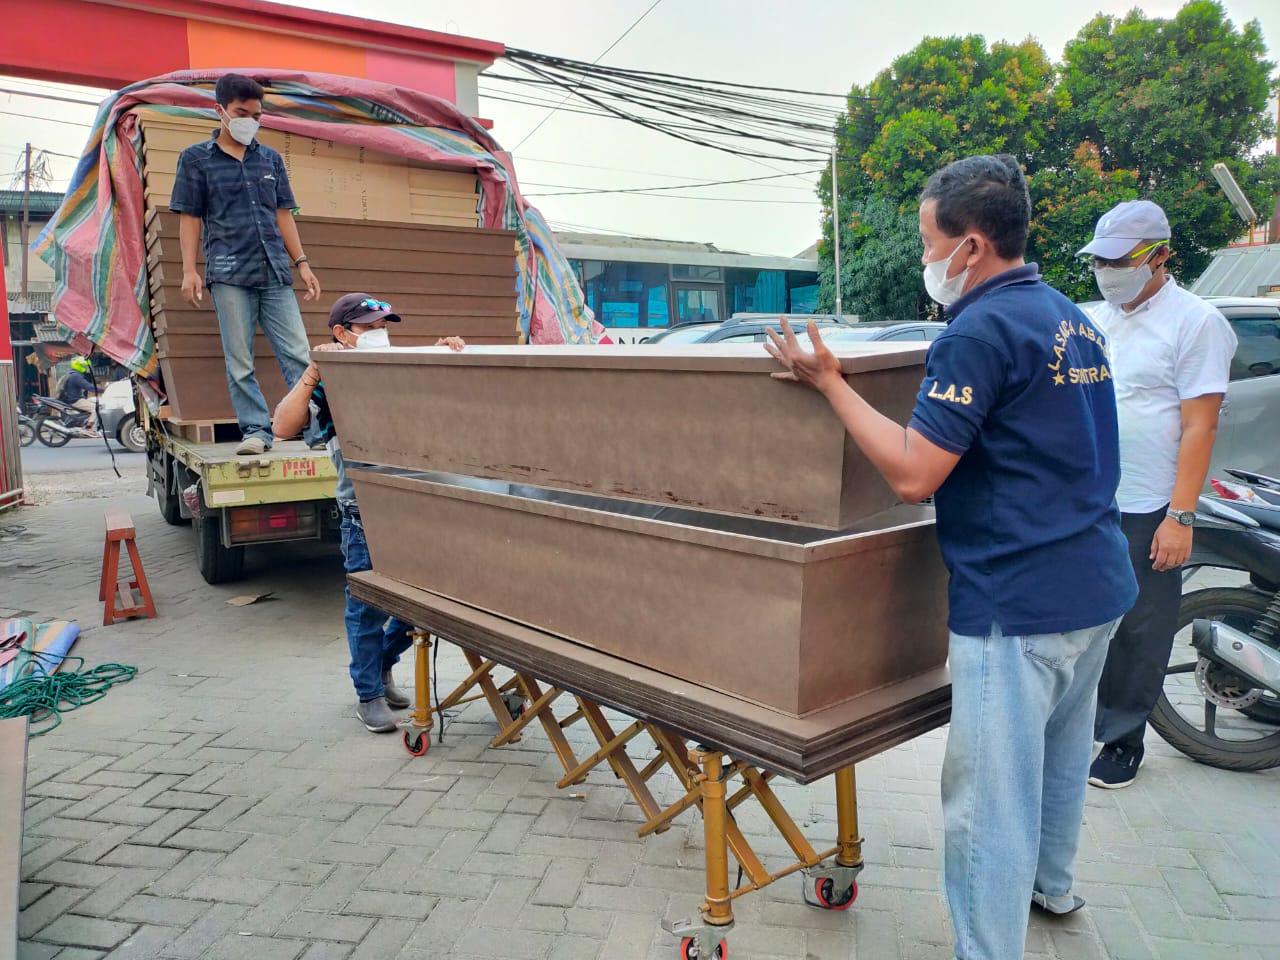 PMI Kabupaten Tangerang menyiapkan peti jenazah yang diperuntuk-kan khusus Pasien COVID-19, Kabupaten Tangerang.